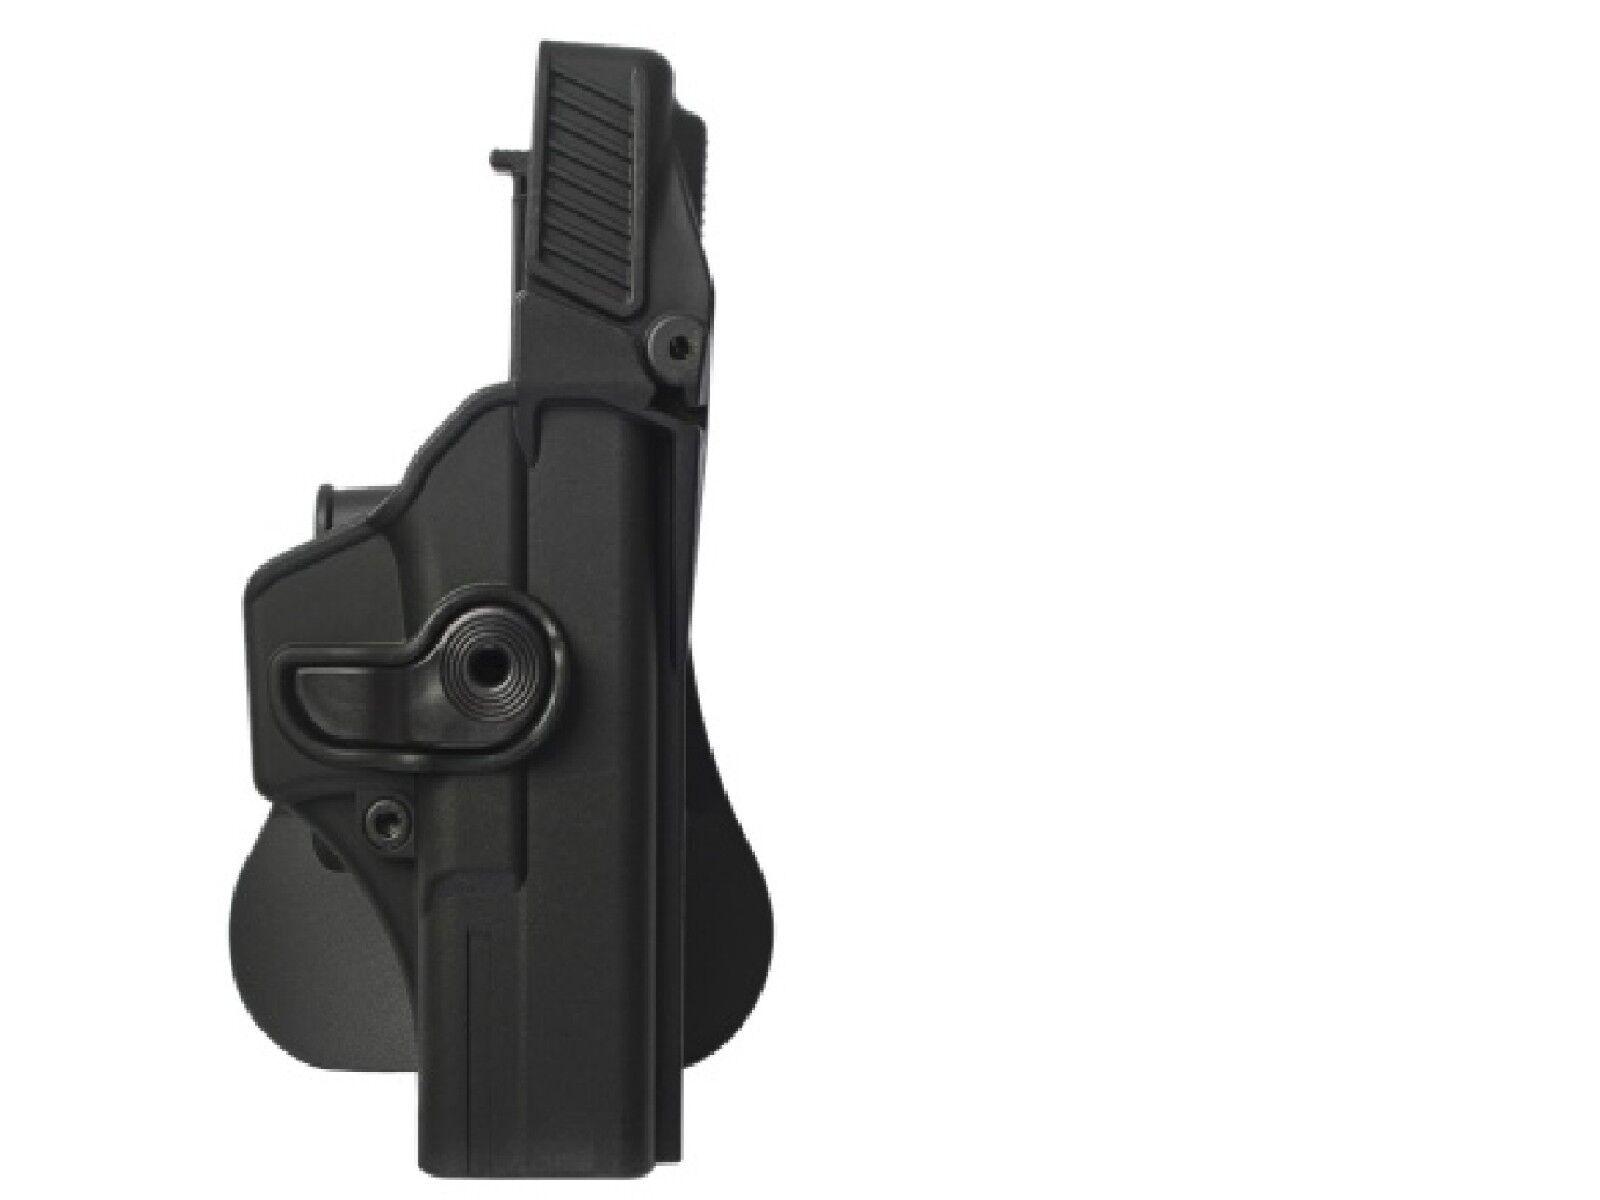 El IMI Nivel De Negro 3 retención Pistolera Para Glock 31 Gen 4 Uso Compatible por Idf